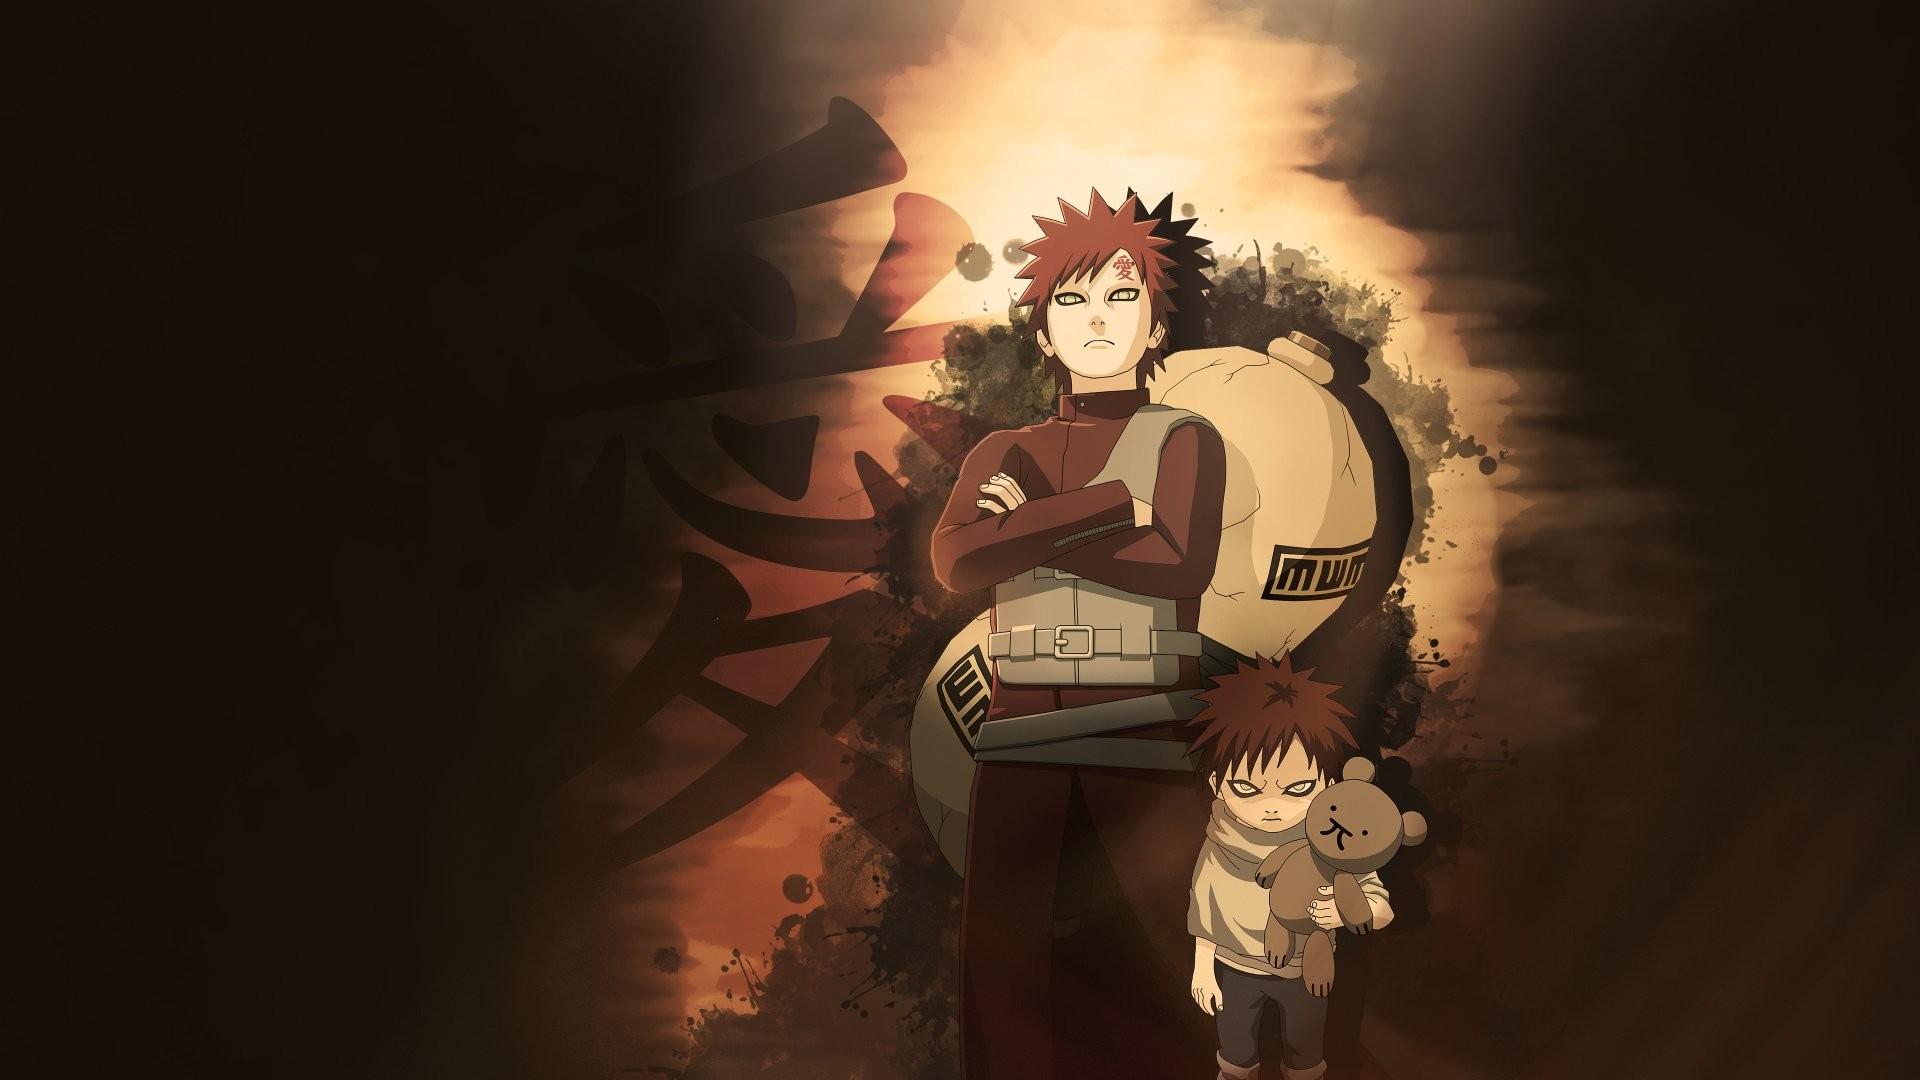 Anime Naruto Gaara (Naruto) Wallpaper